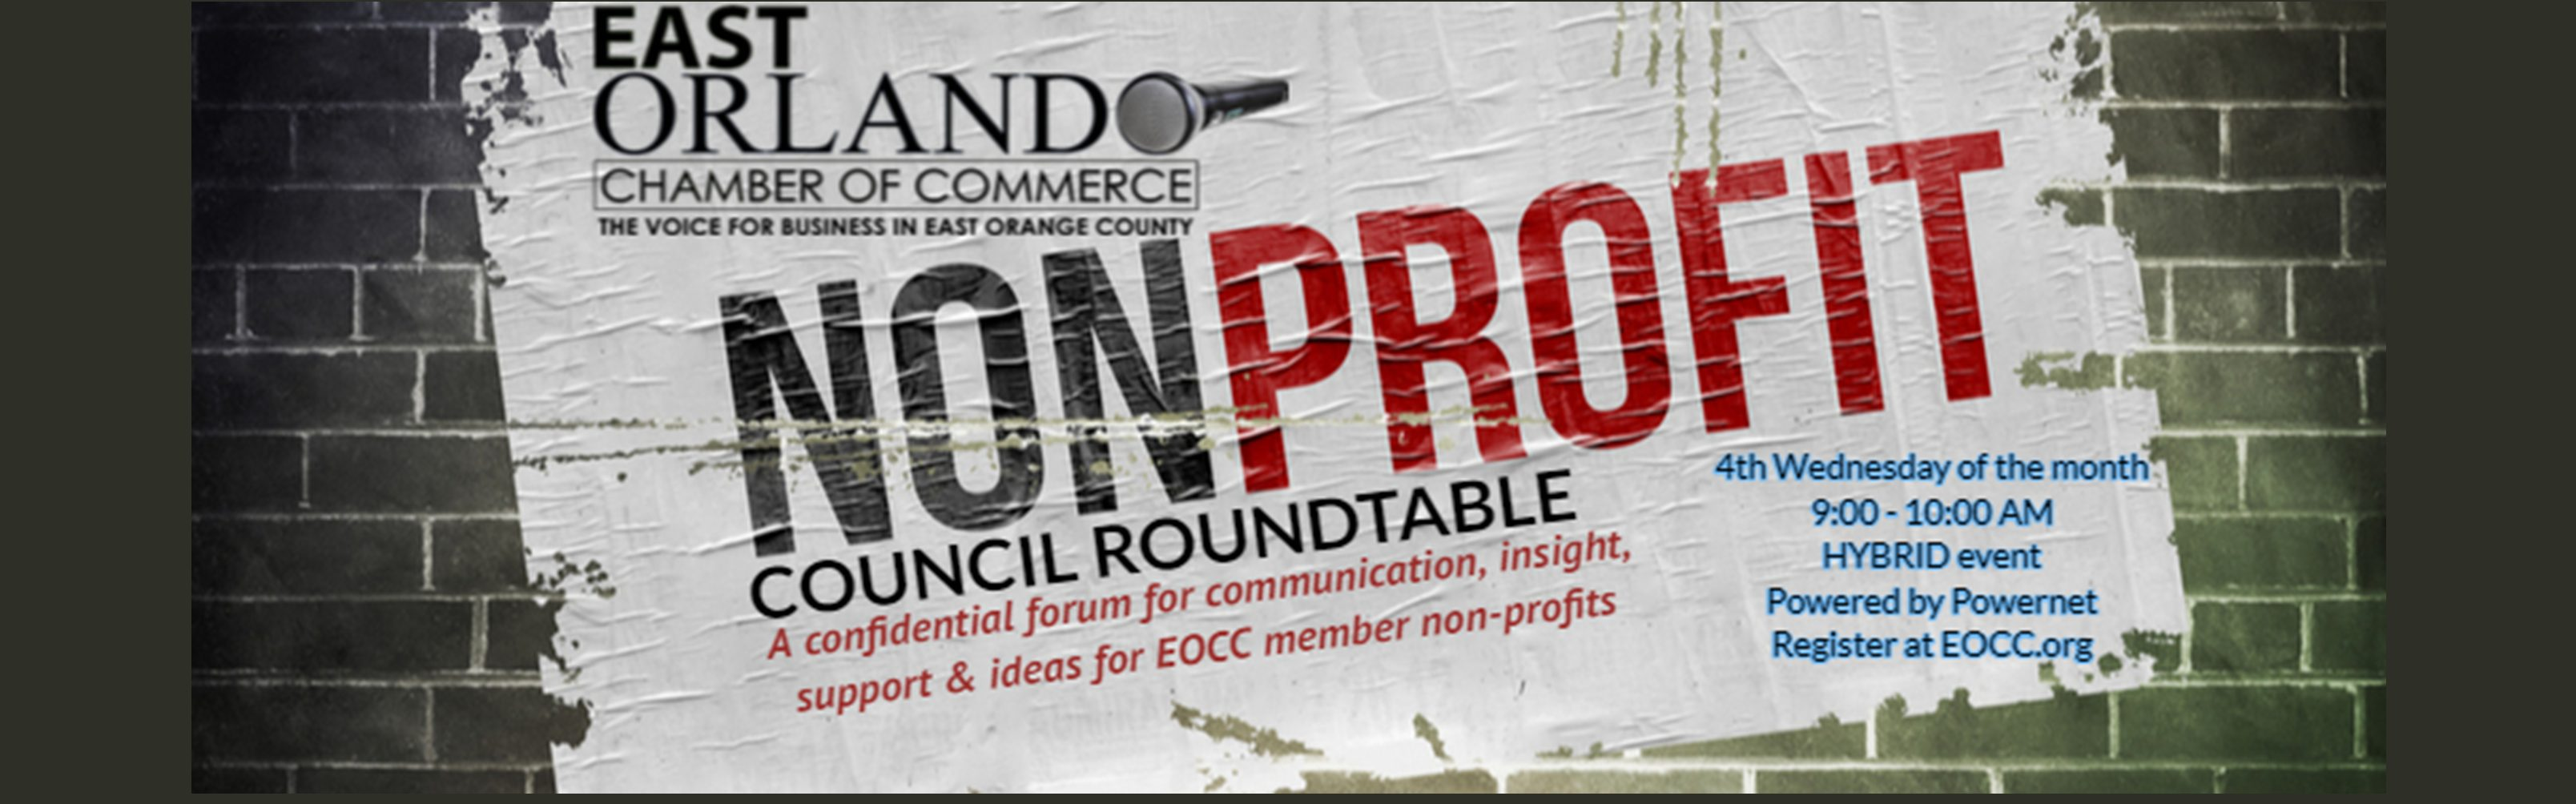 Non-Profit Council Roundtable